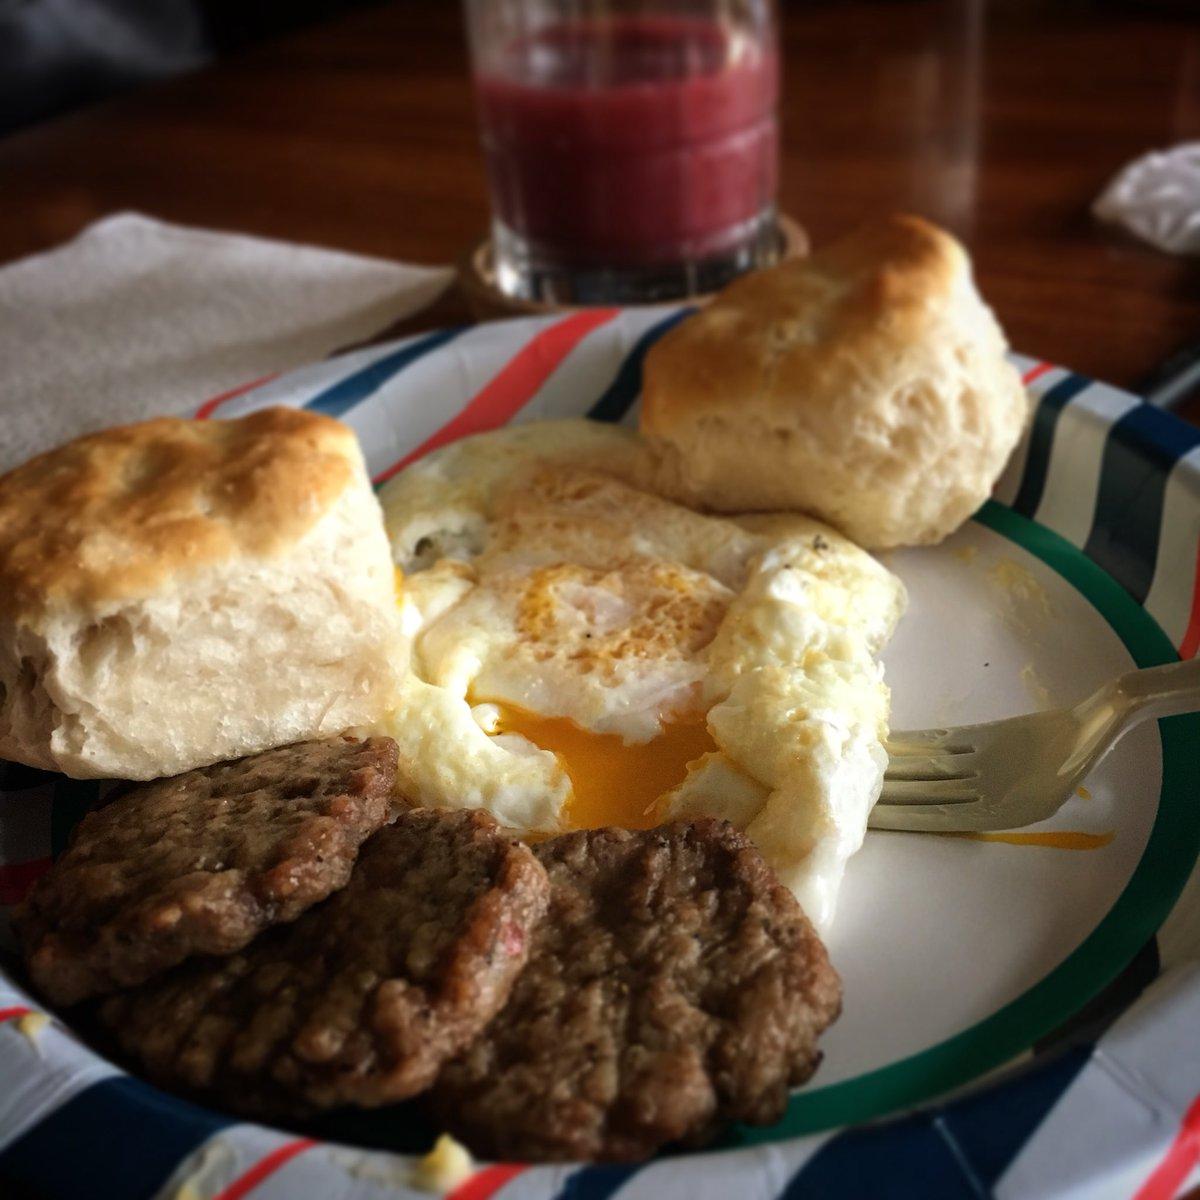 Yes, ladies. I am single. #breakfast #food #stoner #highlife #babydeer #makeamericabreakfastagain https://t.co/ThCXwK0m00